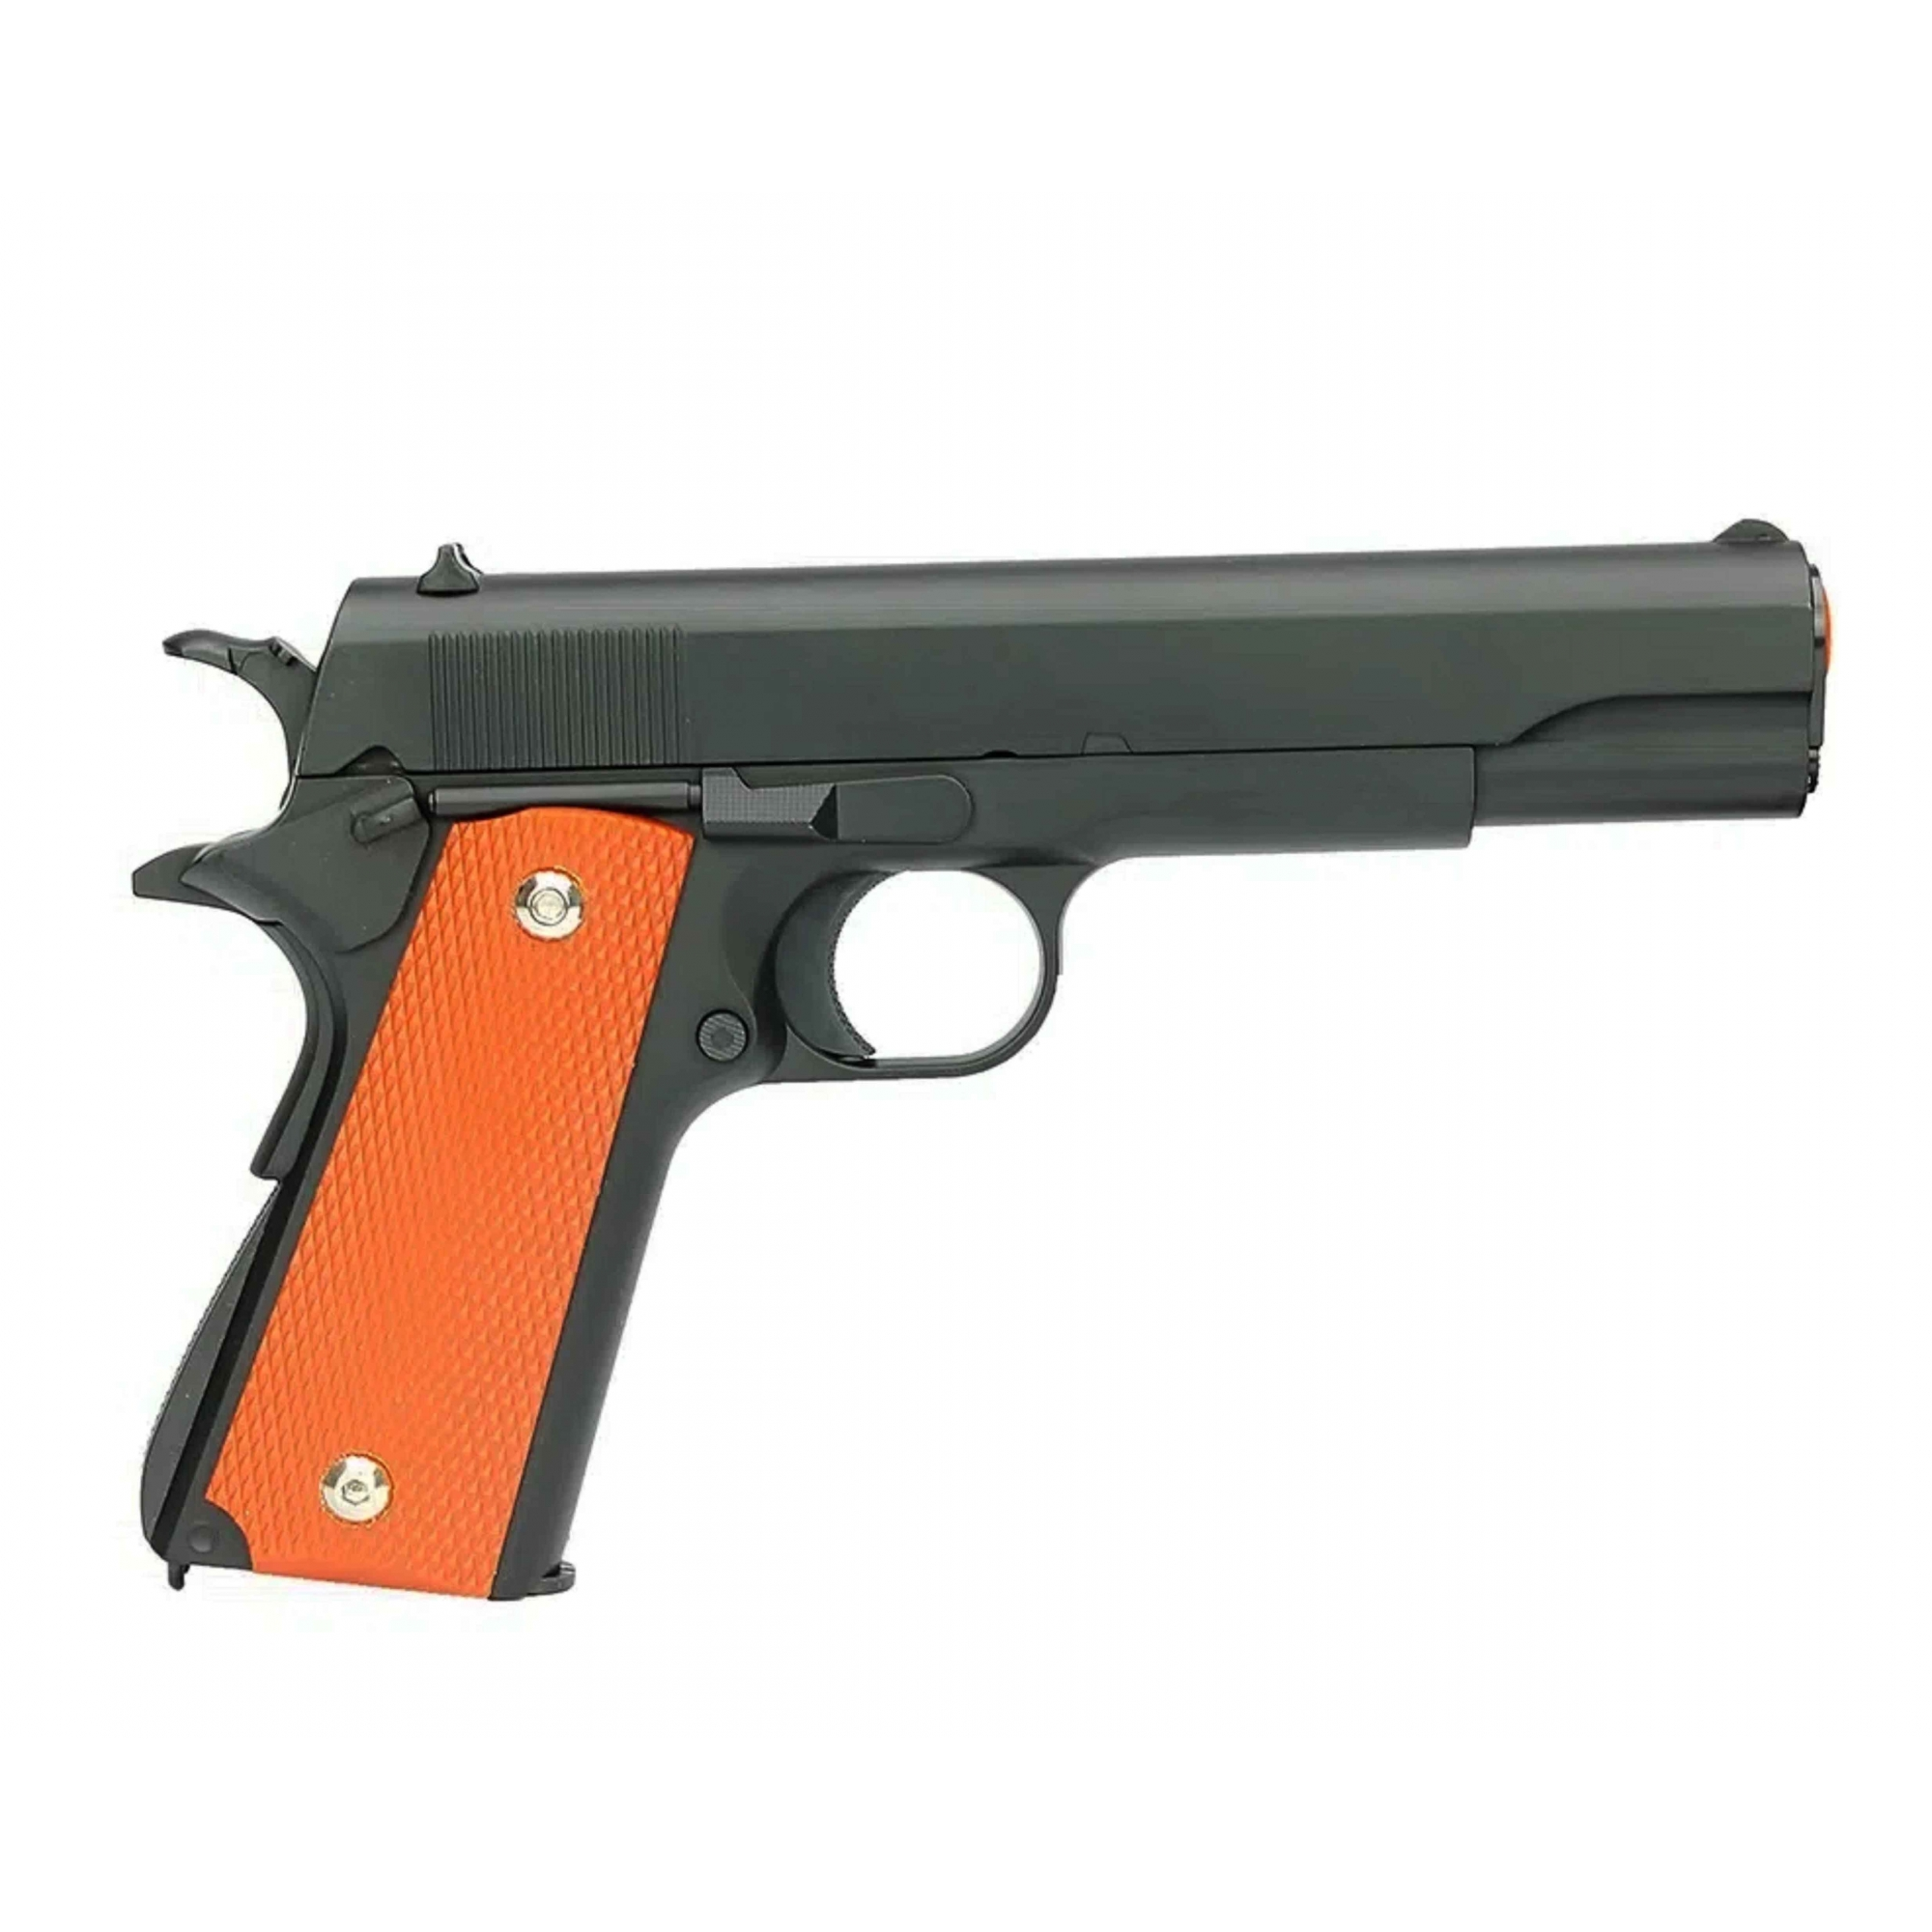 Pistola Airsoft VG 1911-V14 Mola 6mm